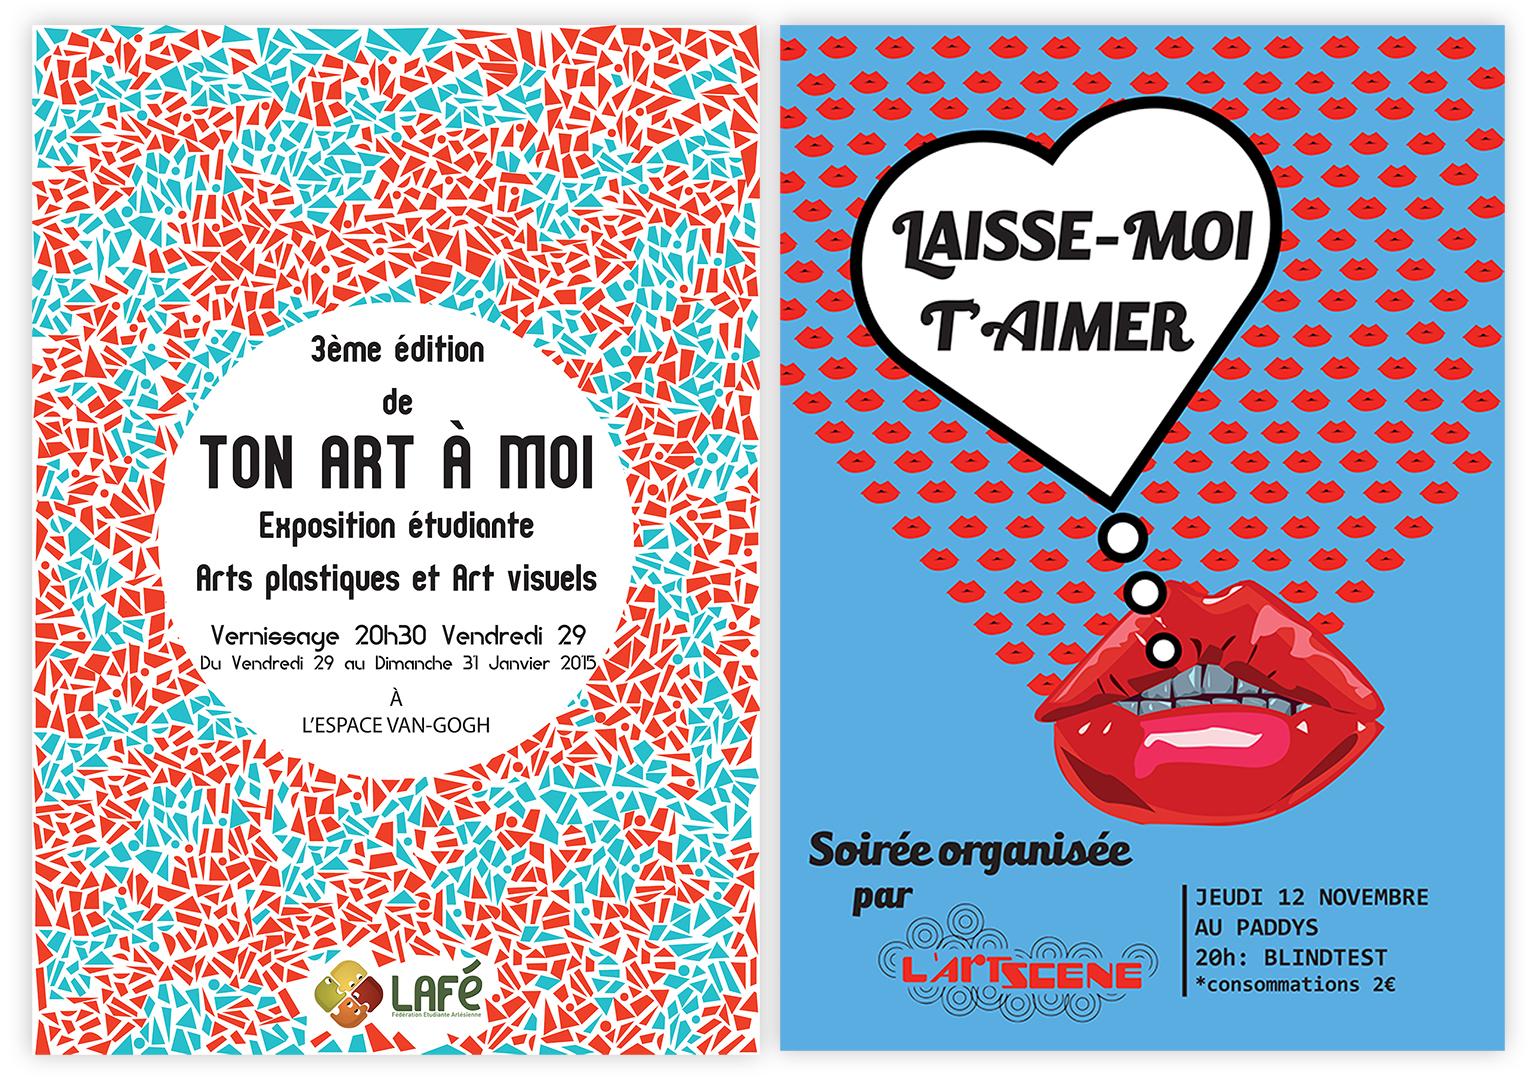 <h3>Conception d'affiches pour des associations étudiantes</h3><p>    Conception d'affiches pour des associations étudiantes de la ville de Arles dans le sud de la France.</p><p>    Ton art à moi est un projet associatif promouvant des artistes locaux dans le domaine des arts visuels. J'ai choisi de représenter un rythme de formes évoquant les mosaïques, art décoratif  très présent dans le sud. La vibrance des couleurs complémentaires rouge et verte est destinée à accompagner le regard du spectateur vers le centre de l'affiche, où sont intégrées les informations relatives à l'évènement.</p><p>    Laisse-moi t'aimer était une soirée organisée par le Bureau des étudiants de la faculté. Elle avait pour but de rassembler les étudiants autour d'un Blindtest sur le thème de l'amour. J'ai choisi d'évoquer ce thème à travers la représentation d'une multitude de bouches, symbole de la romance. Les couleurs primaires rouges et bleues électriques de l'affiche ainsi que la présence d'une bulle blanche cernée de noire, sont inspirés de Roy Lichtenstein, un des artistes emblématique du mouvement pop art. Les couleurs vives complémentaires vibrent pour attirer le regard du public.</p>